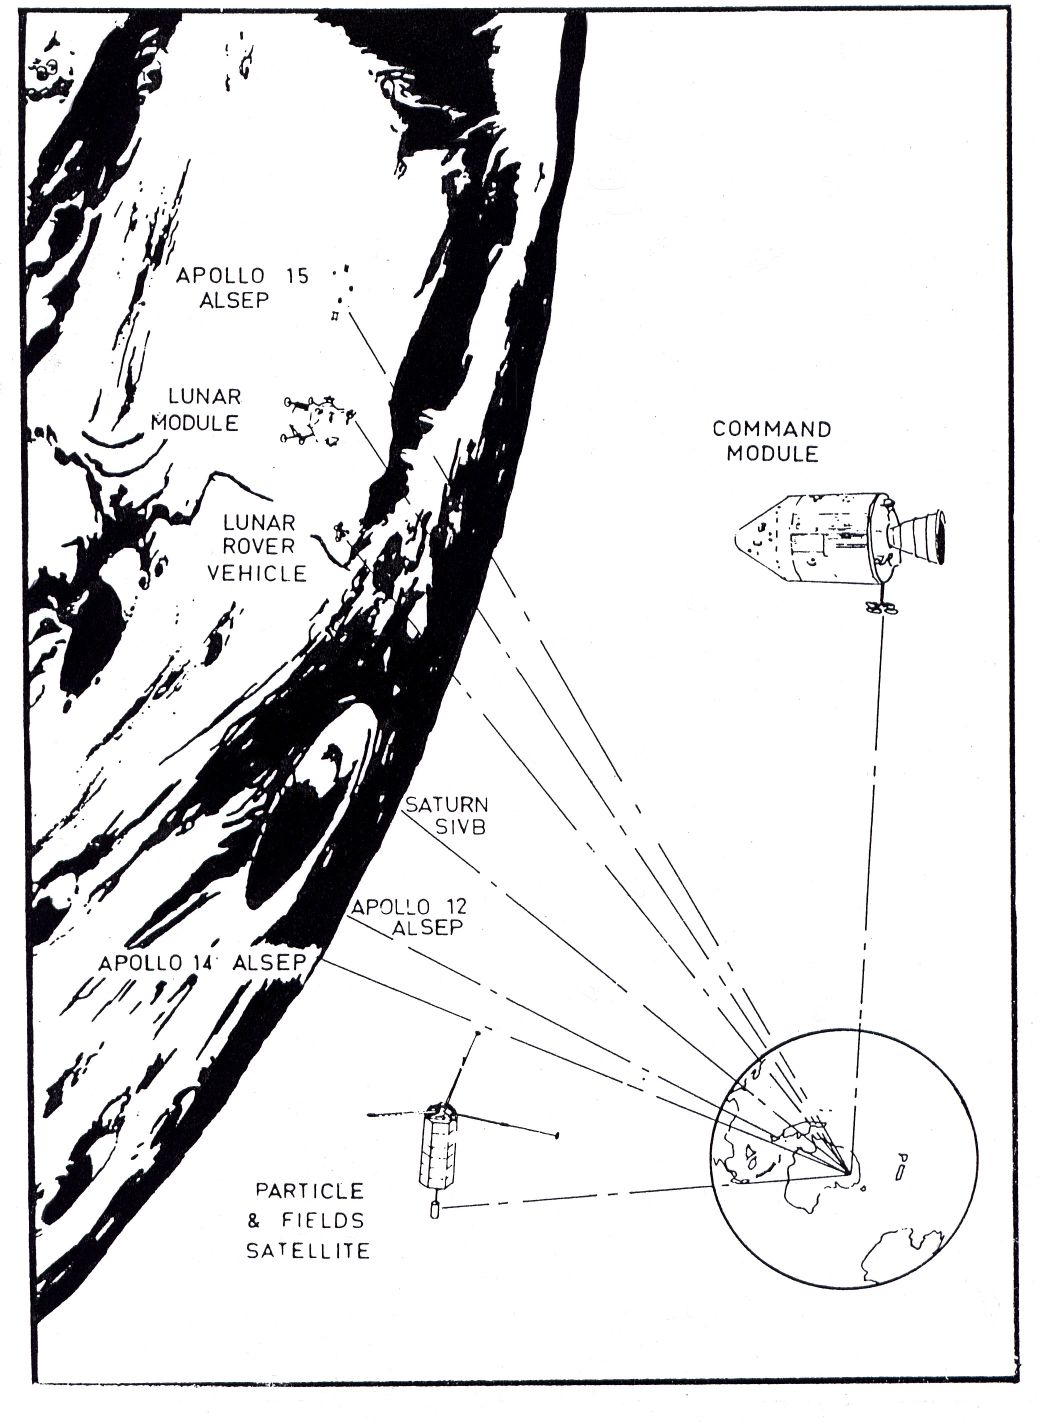 Todas las comunicaciones establecidas durante el Apolo 15 (www.honeysucklecreek.net)